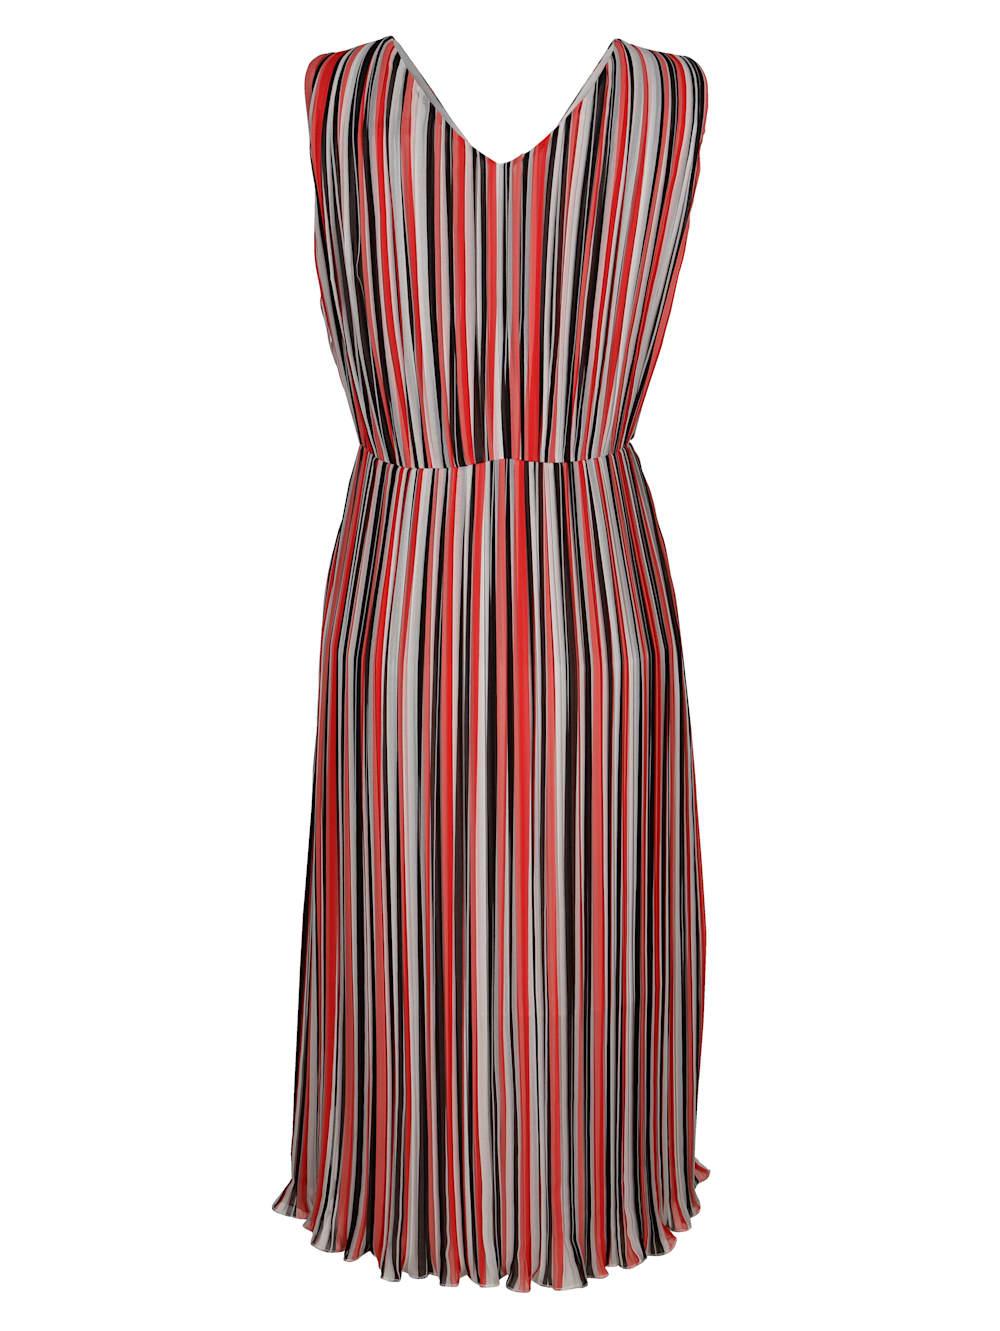 alba moda kleid aus plissierter ware | alba moda